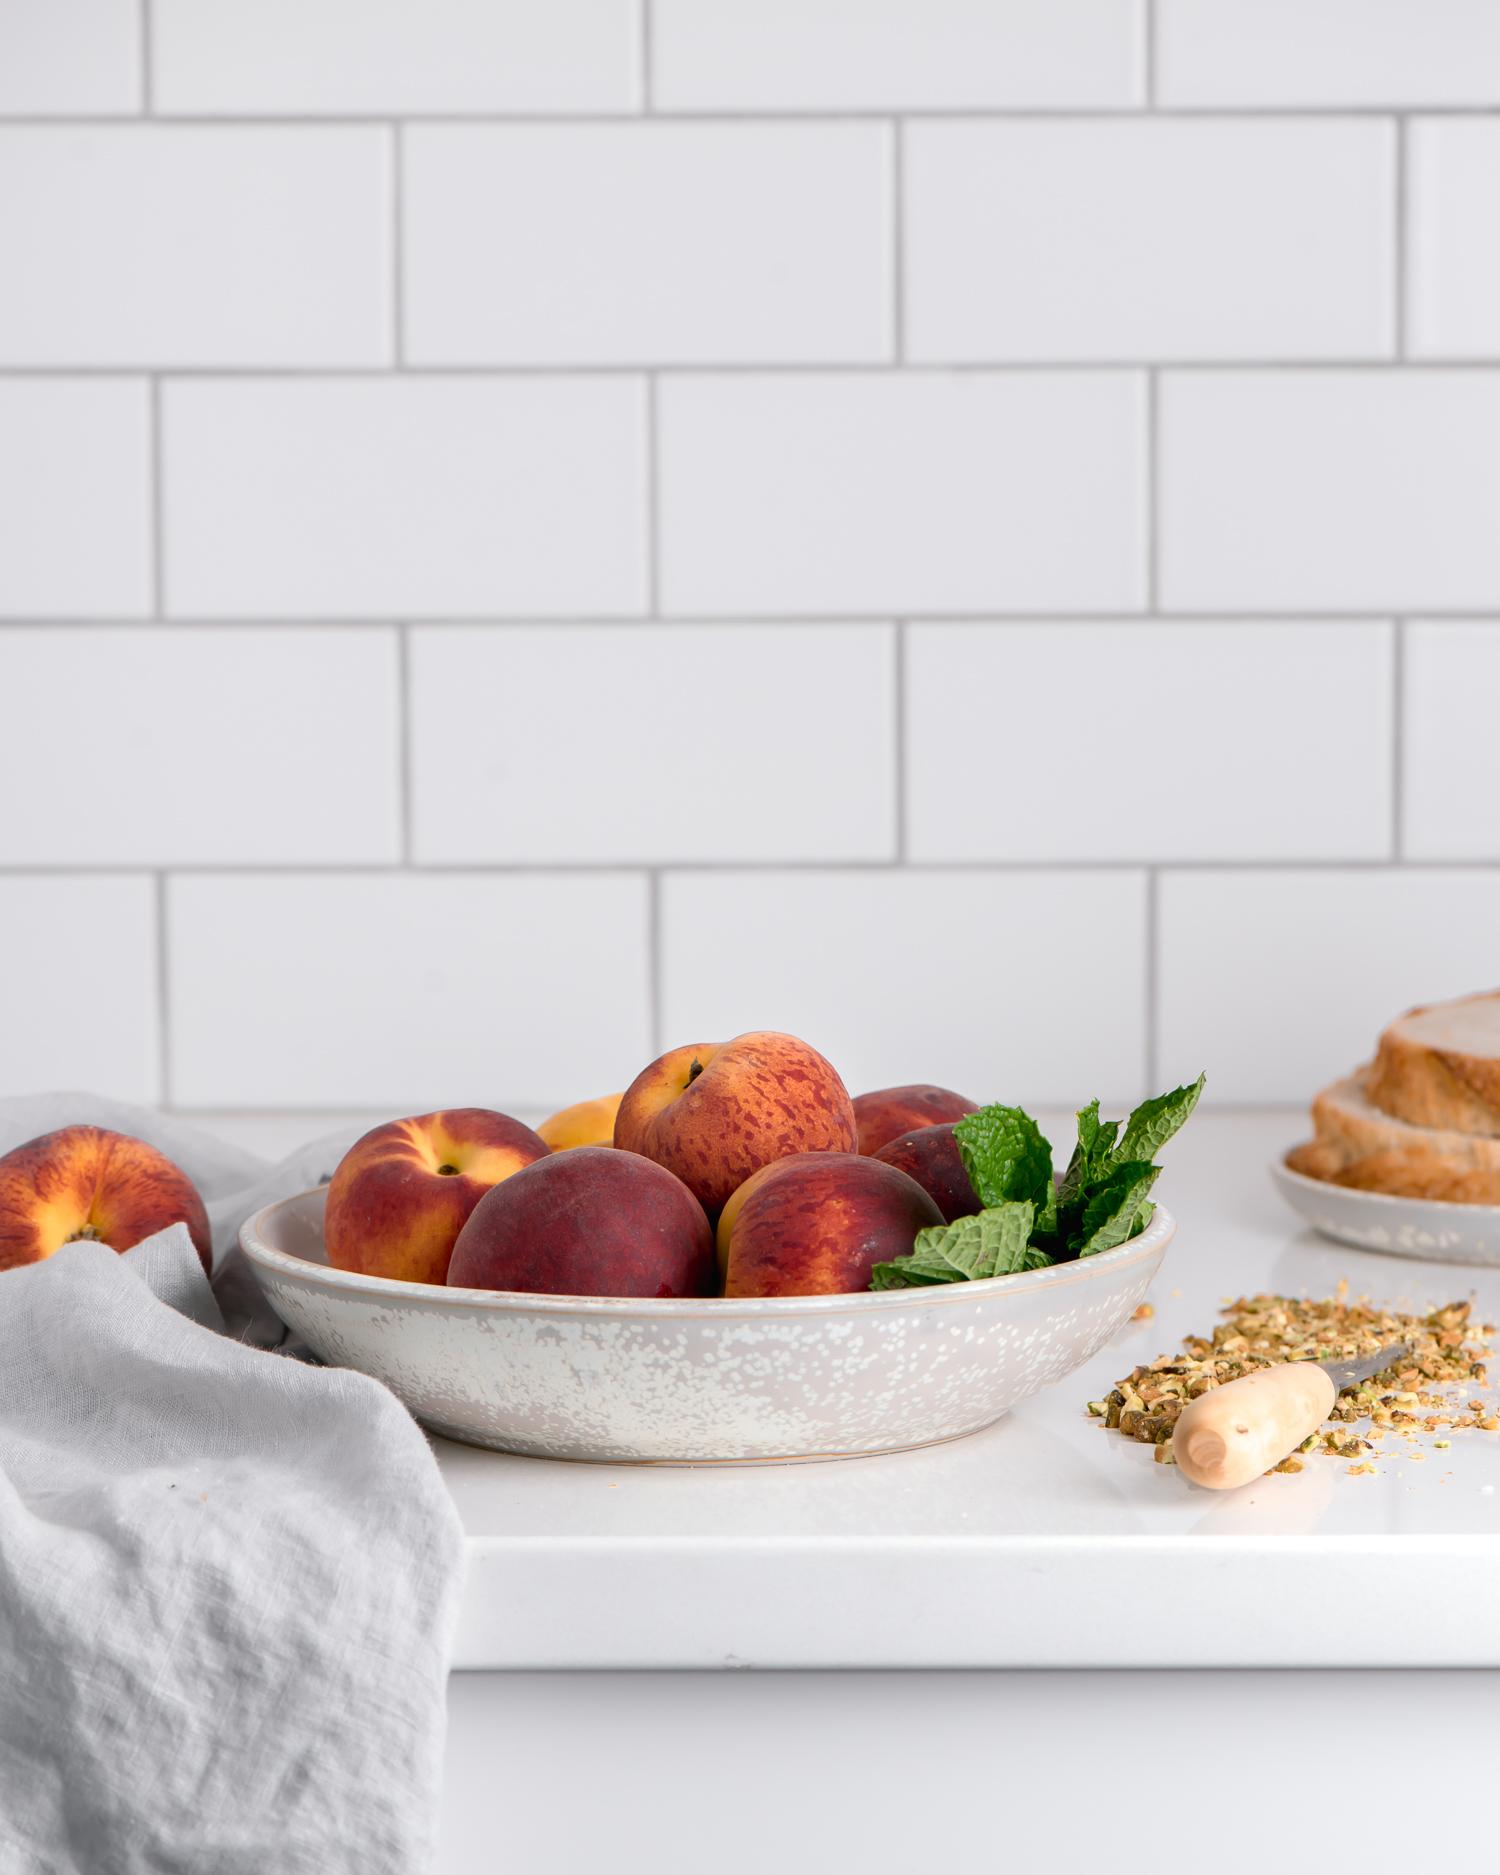 summer-peach-ricotta-toast-pistachio-5.jpg